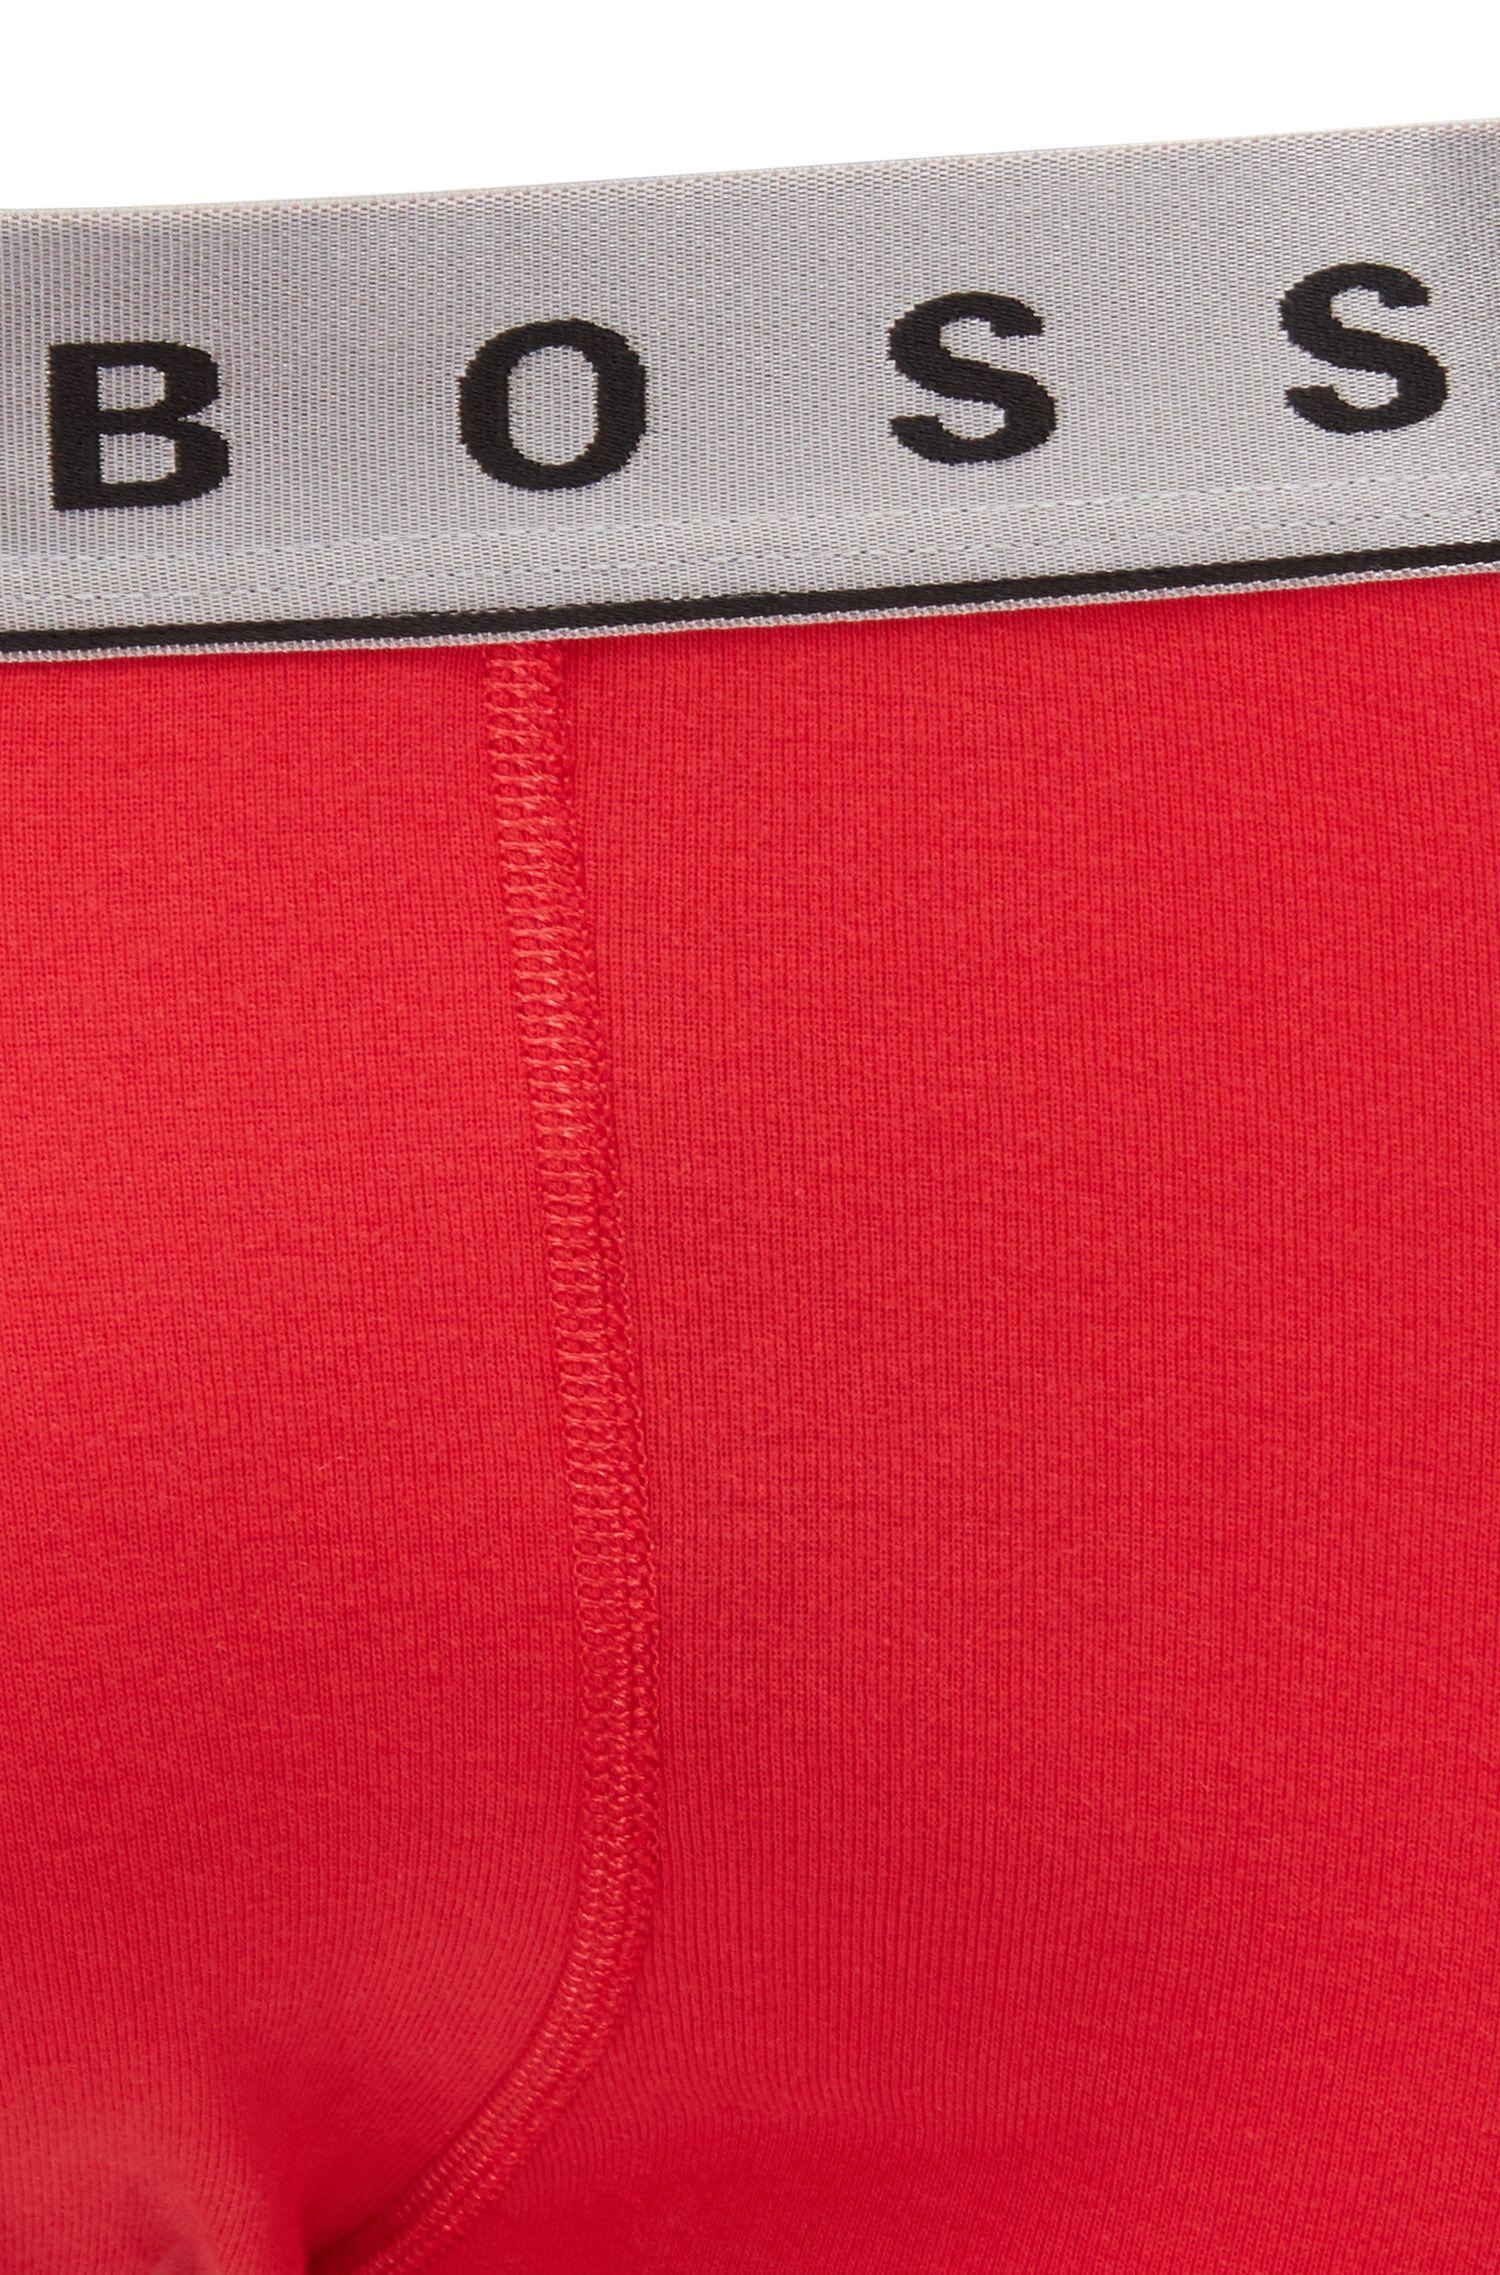 Set regalo composto da due paia di boxer in cotone con vita dall'effetto metallizzato